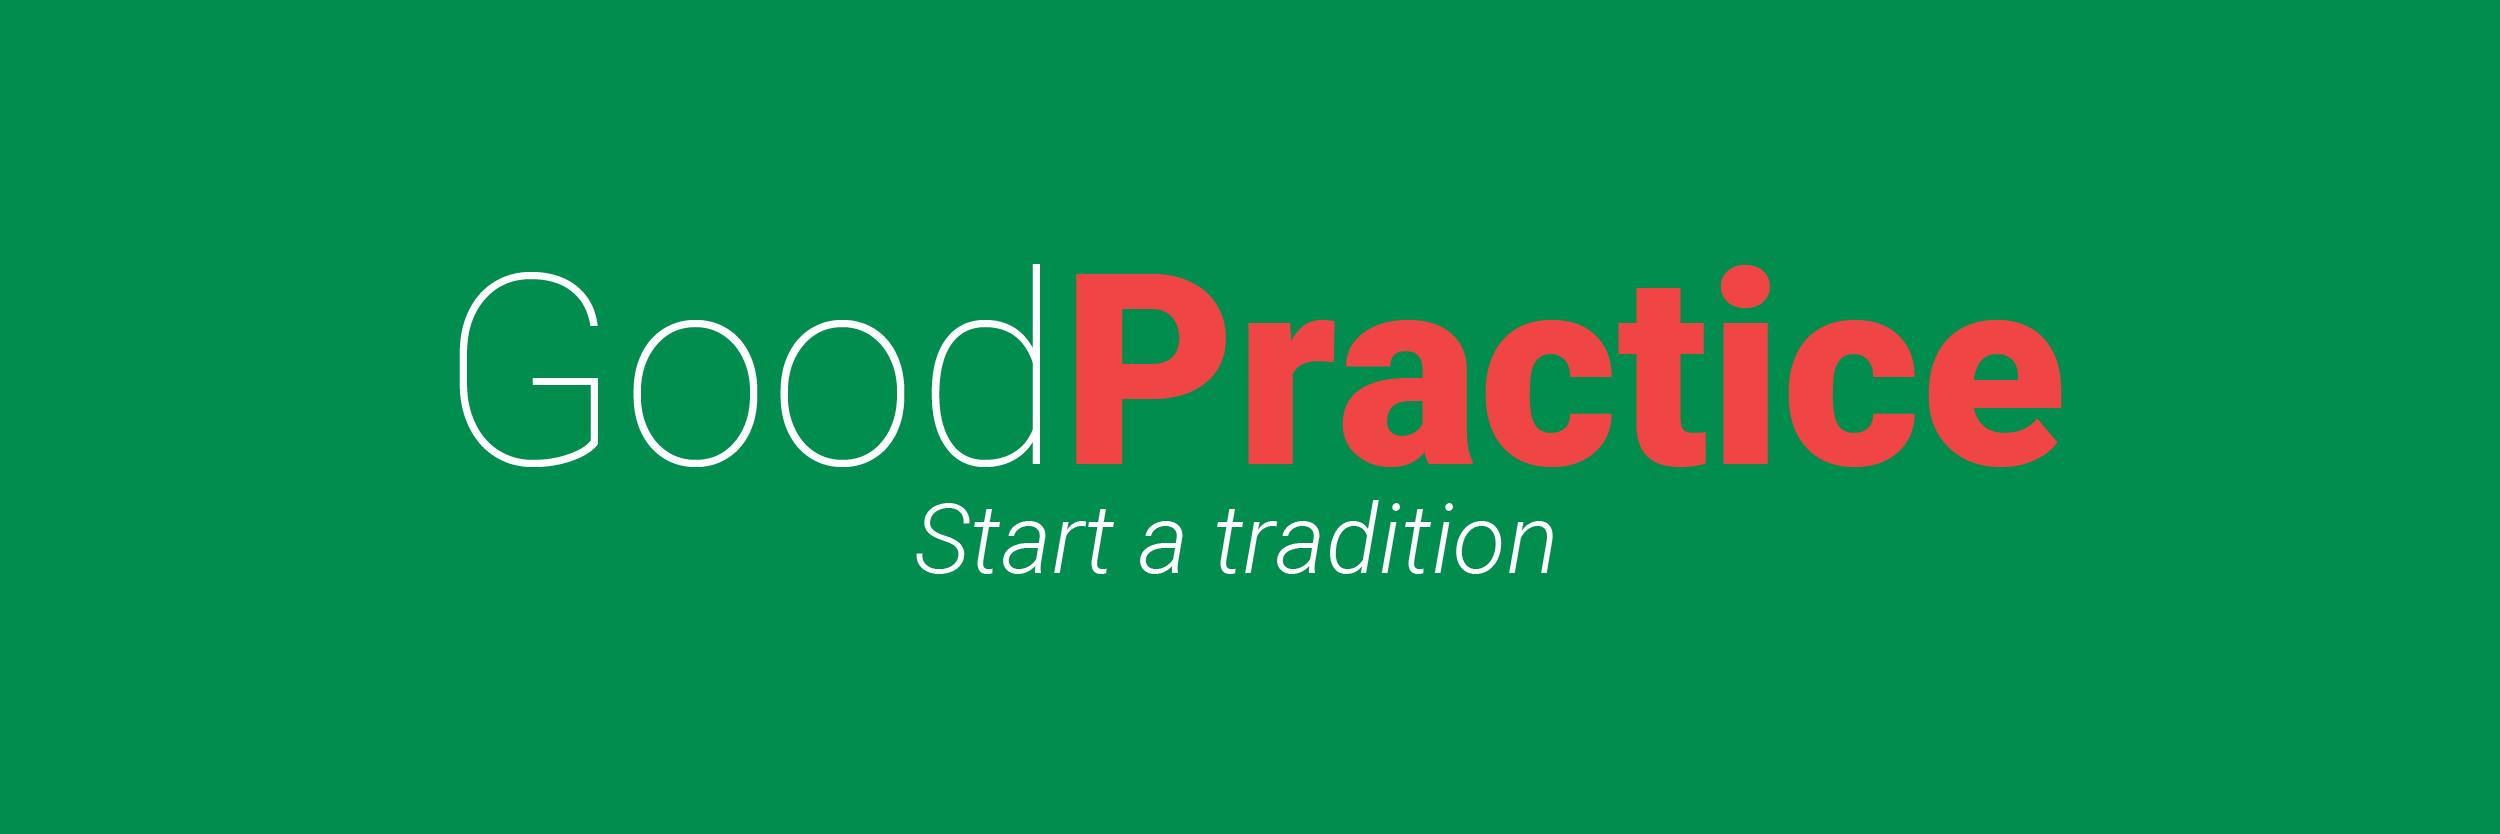 Good Practice-01